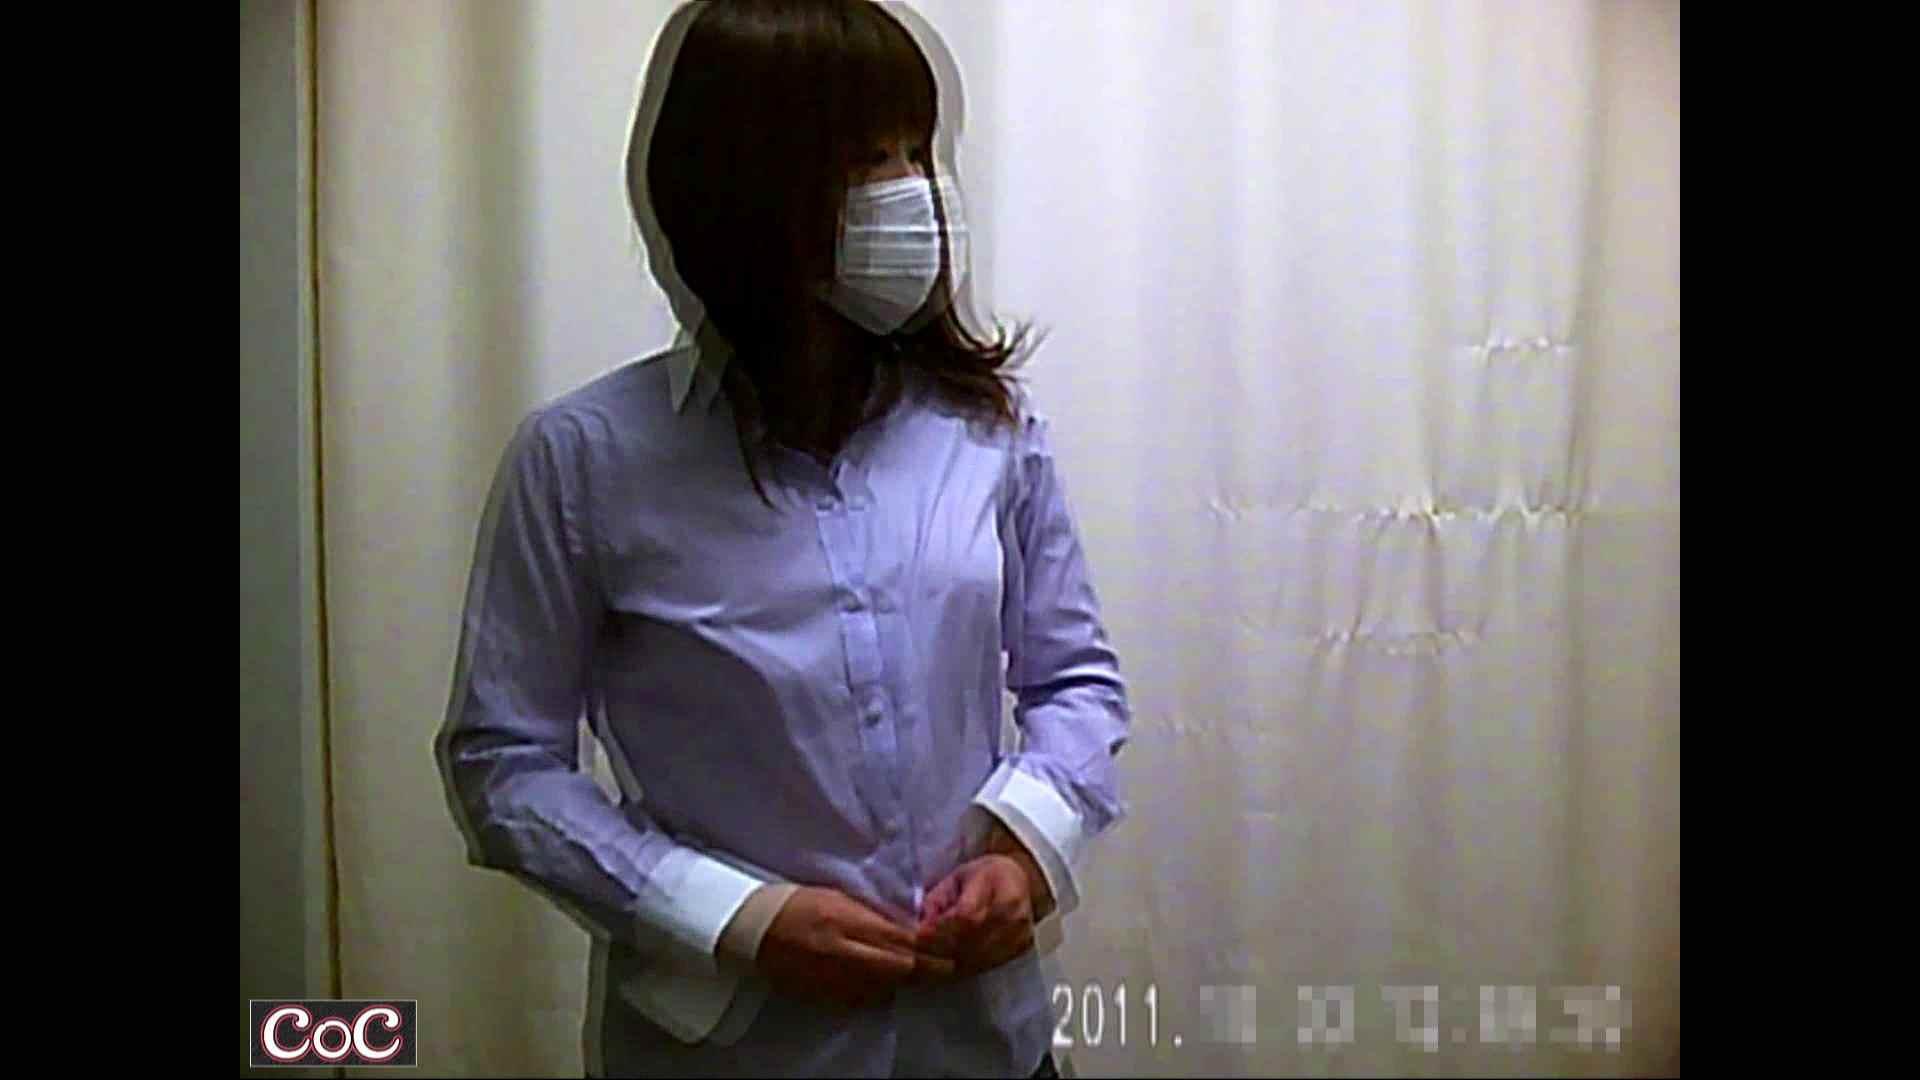 病院おもいっきり着替え! vol.48 貧乳 のぞき動画画像 90pic 83